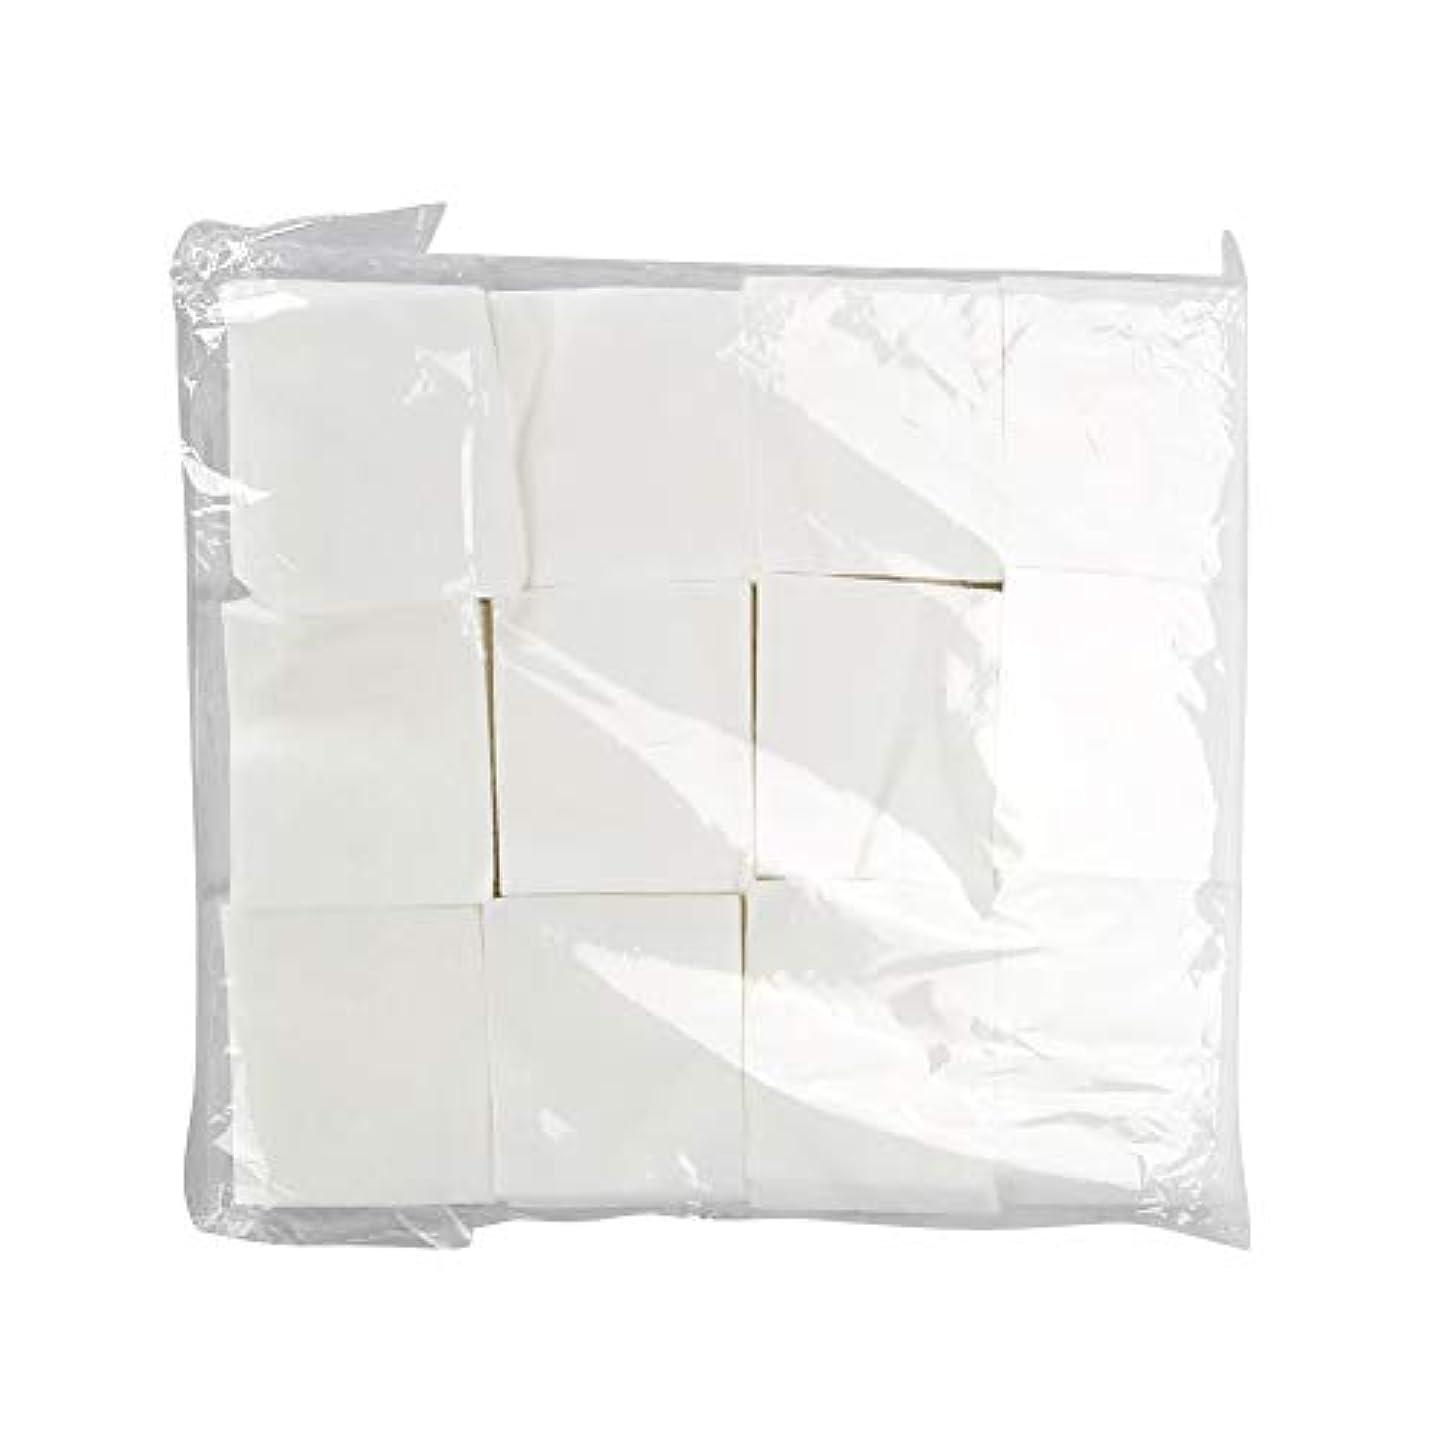 リファイン独特の長々と使い捨てネイルポリッシュリムーバーコットンパッド、化粧フェイシャルコットンパッド メイクアップクリーナーコットンワイプ、ネイルワイプフェイシャルアイメイクアップワイプ(1200Pcs)